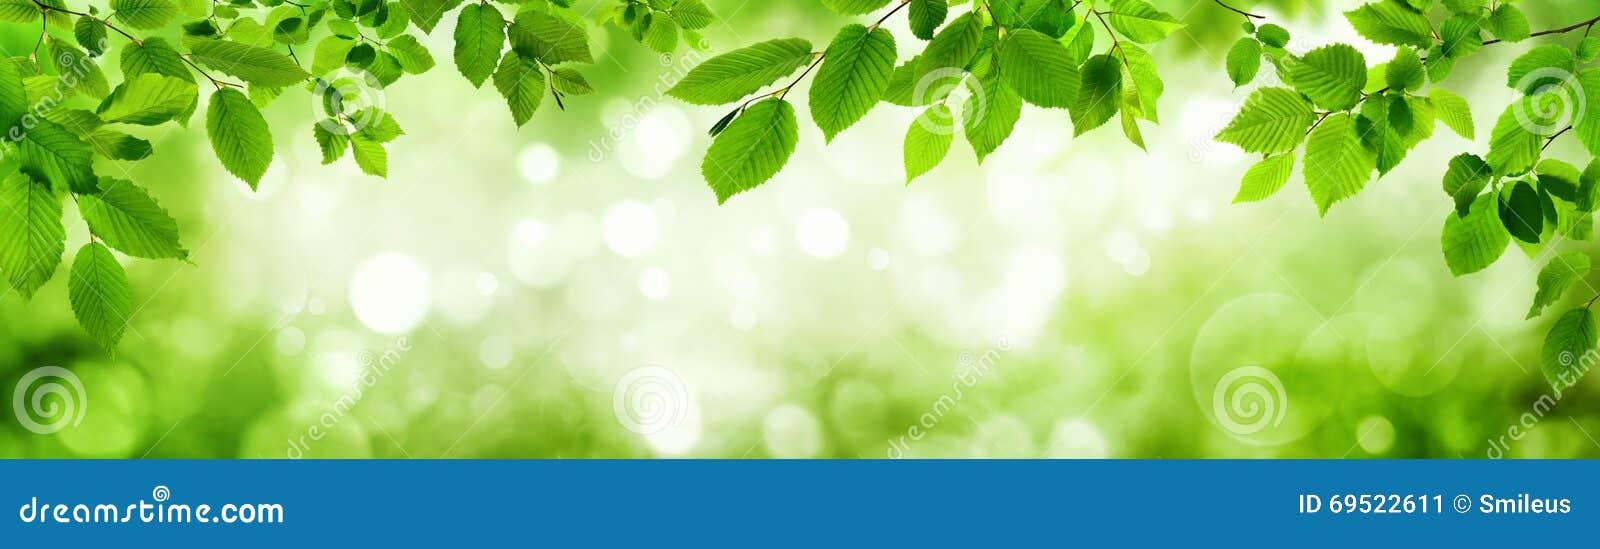 Листья зеленого цвета и запачканные самые интересные строят рамку